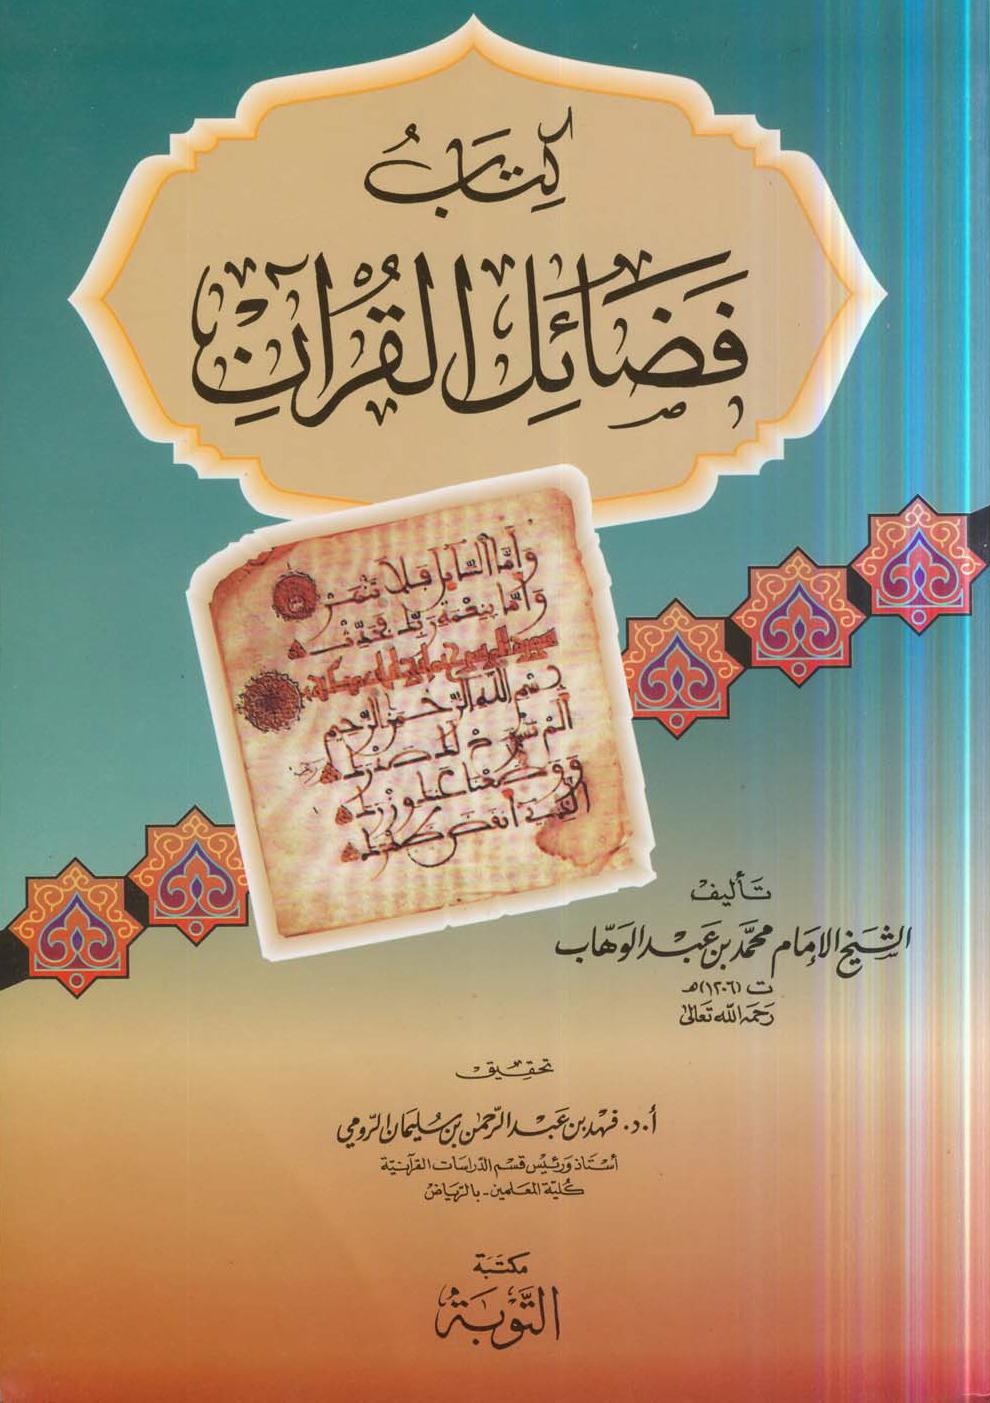 تحميل كتاب فضائل القرآن - محمد بن عبد الوهاب لـِ: الإمام محمد بن عبد الوهاب بن سليمان آل مشرف التميمي (ت 1206)